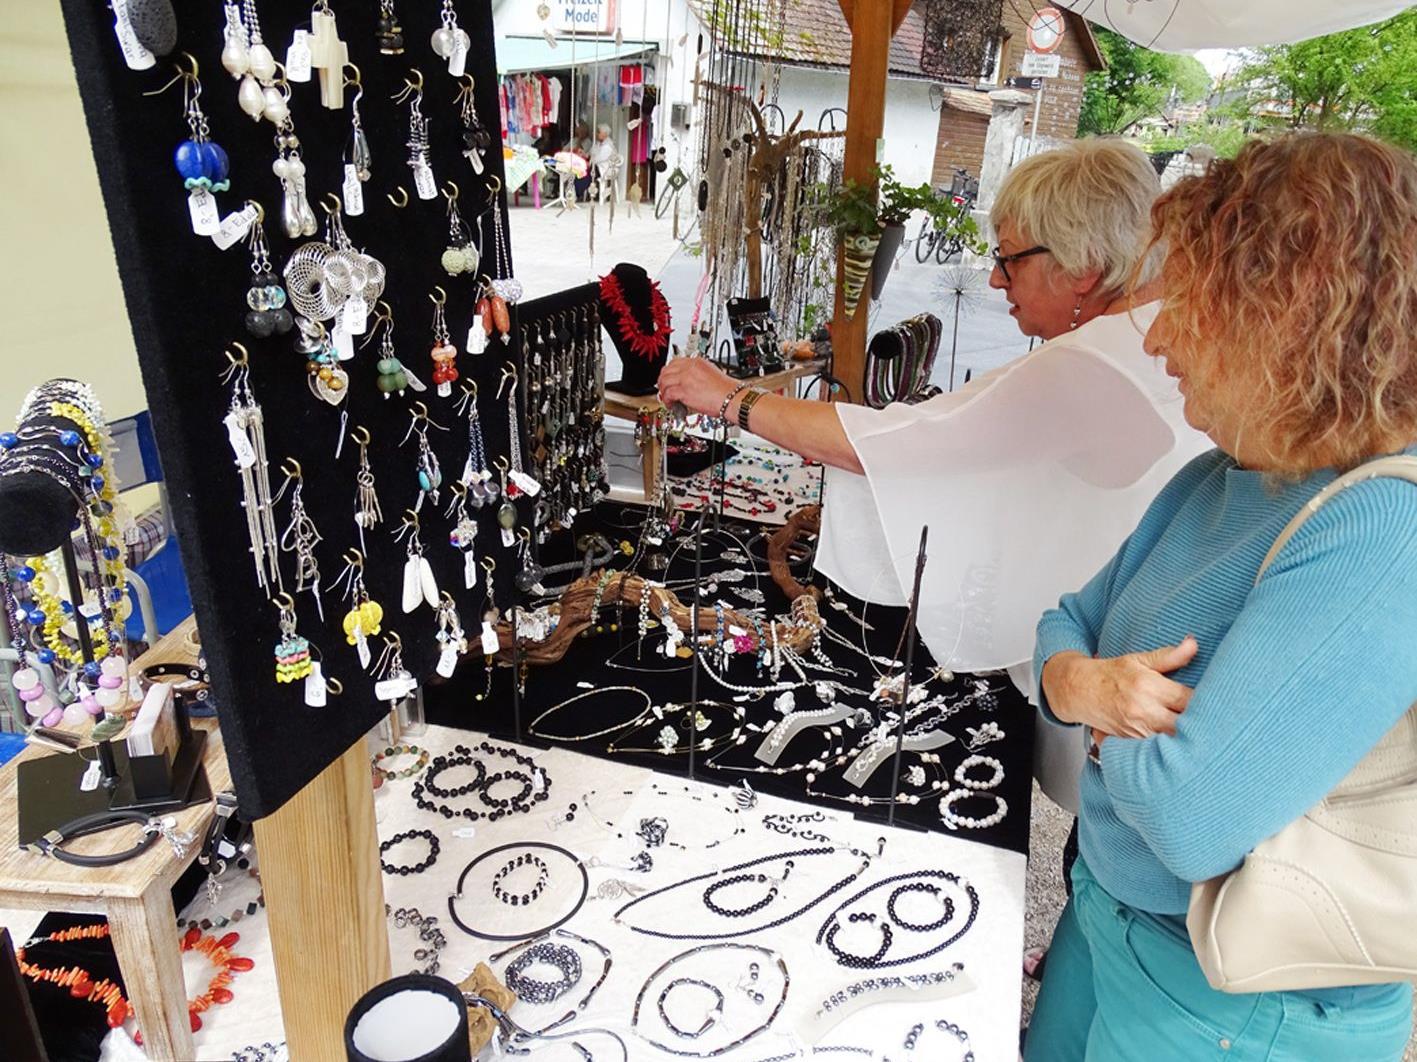 Auf dem Kunsthandwerksmarkt konnte man allerlei Hübsches oder Nützliches erstehen.